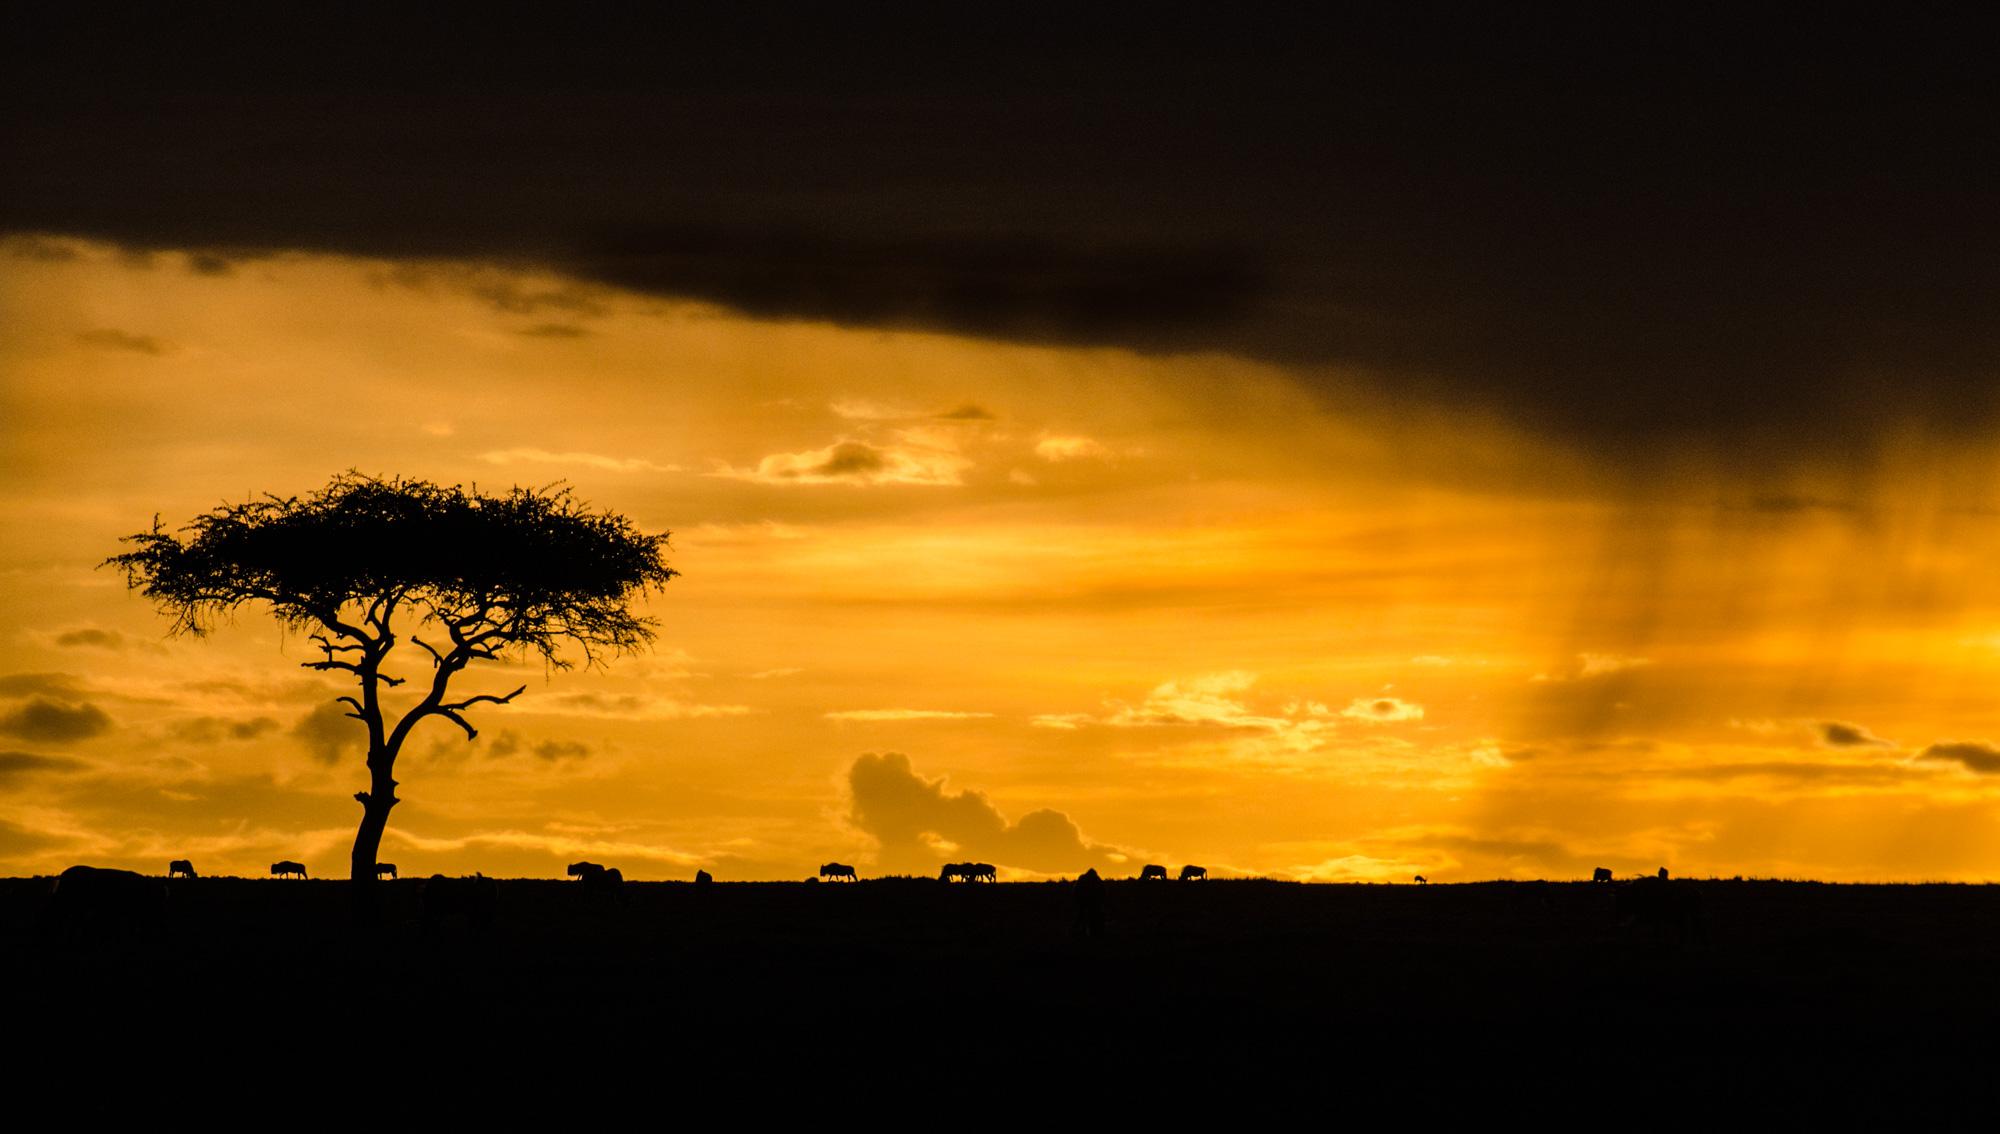 mara-sunset-rainstorm-kenya-2012-10-14.jpg